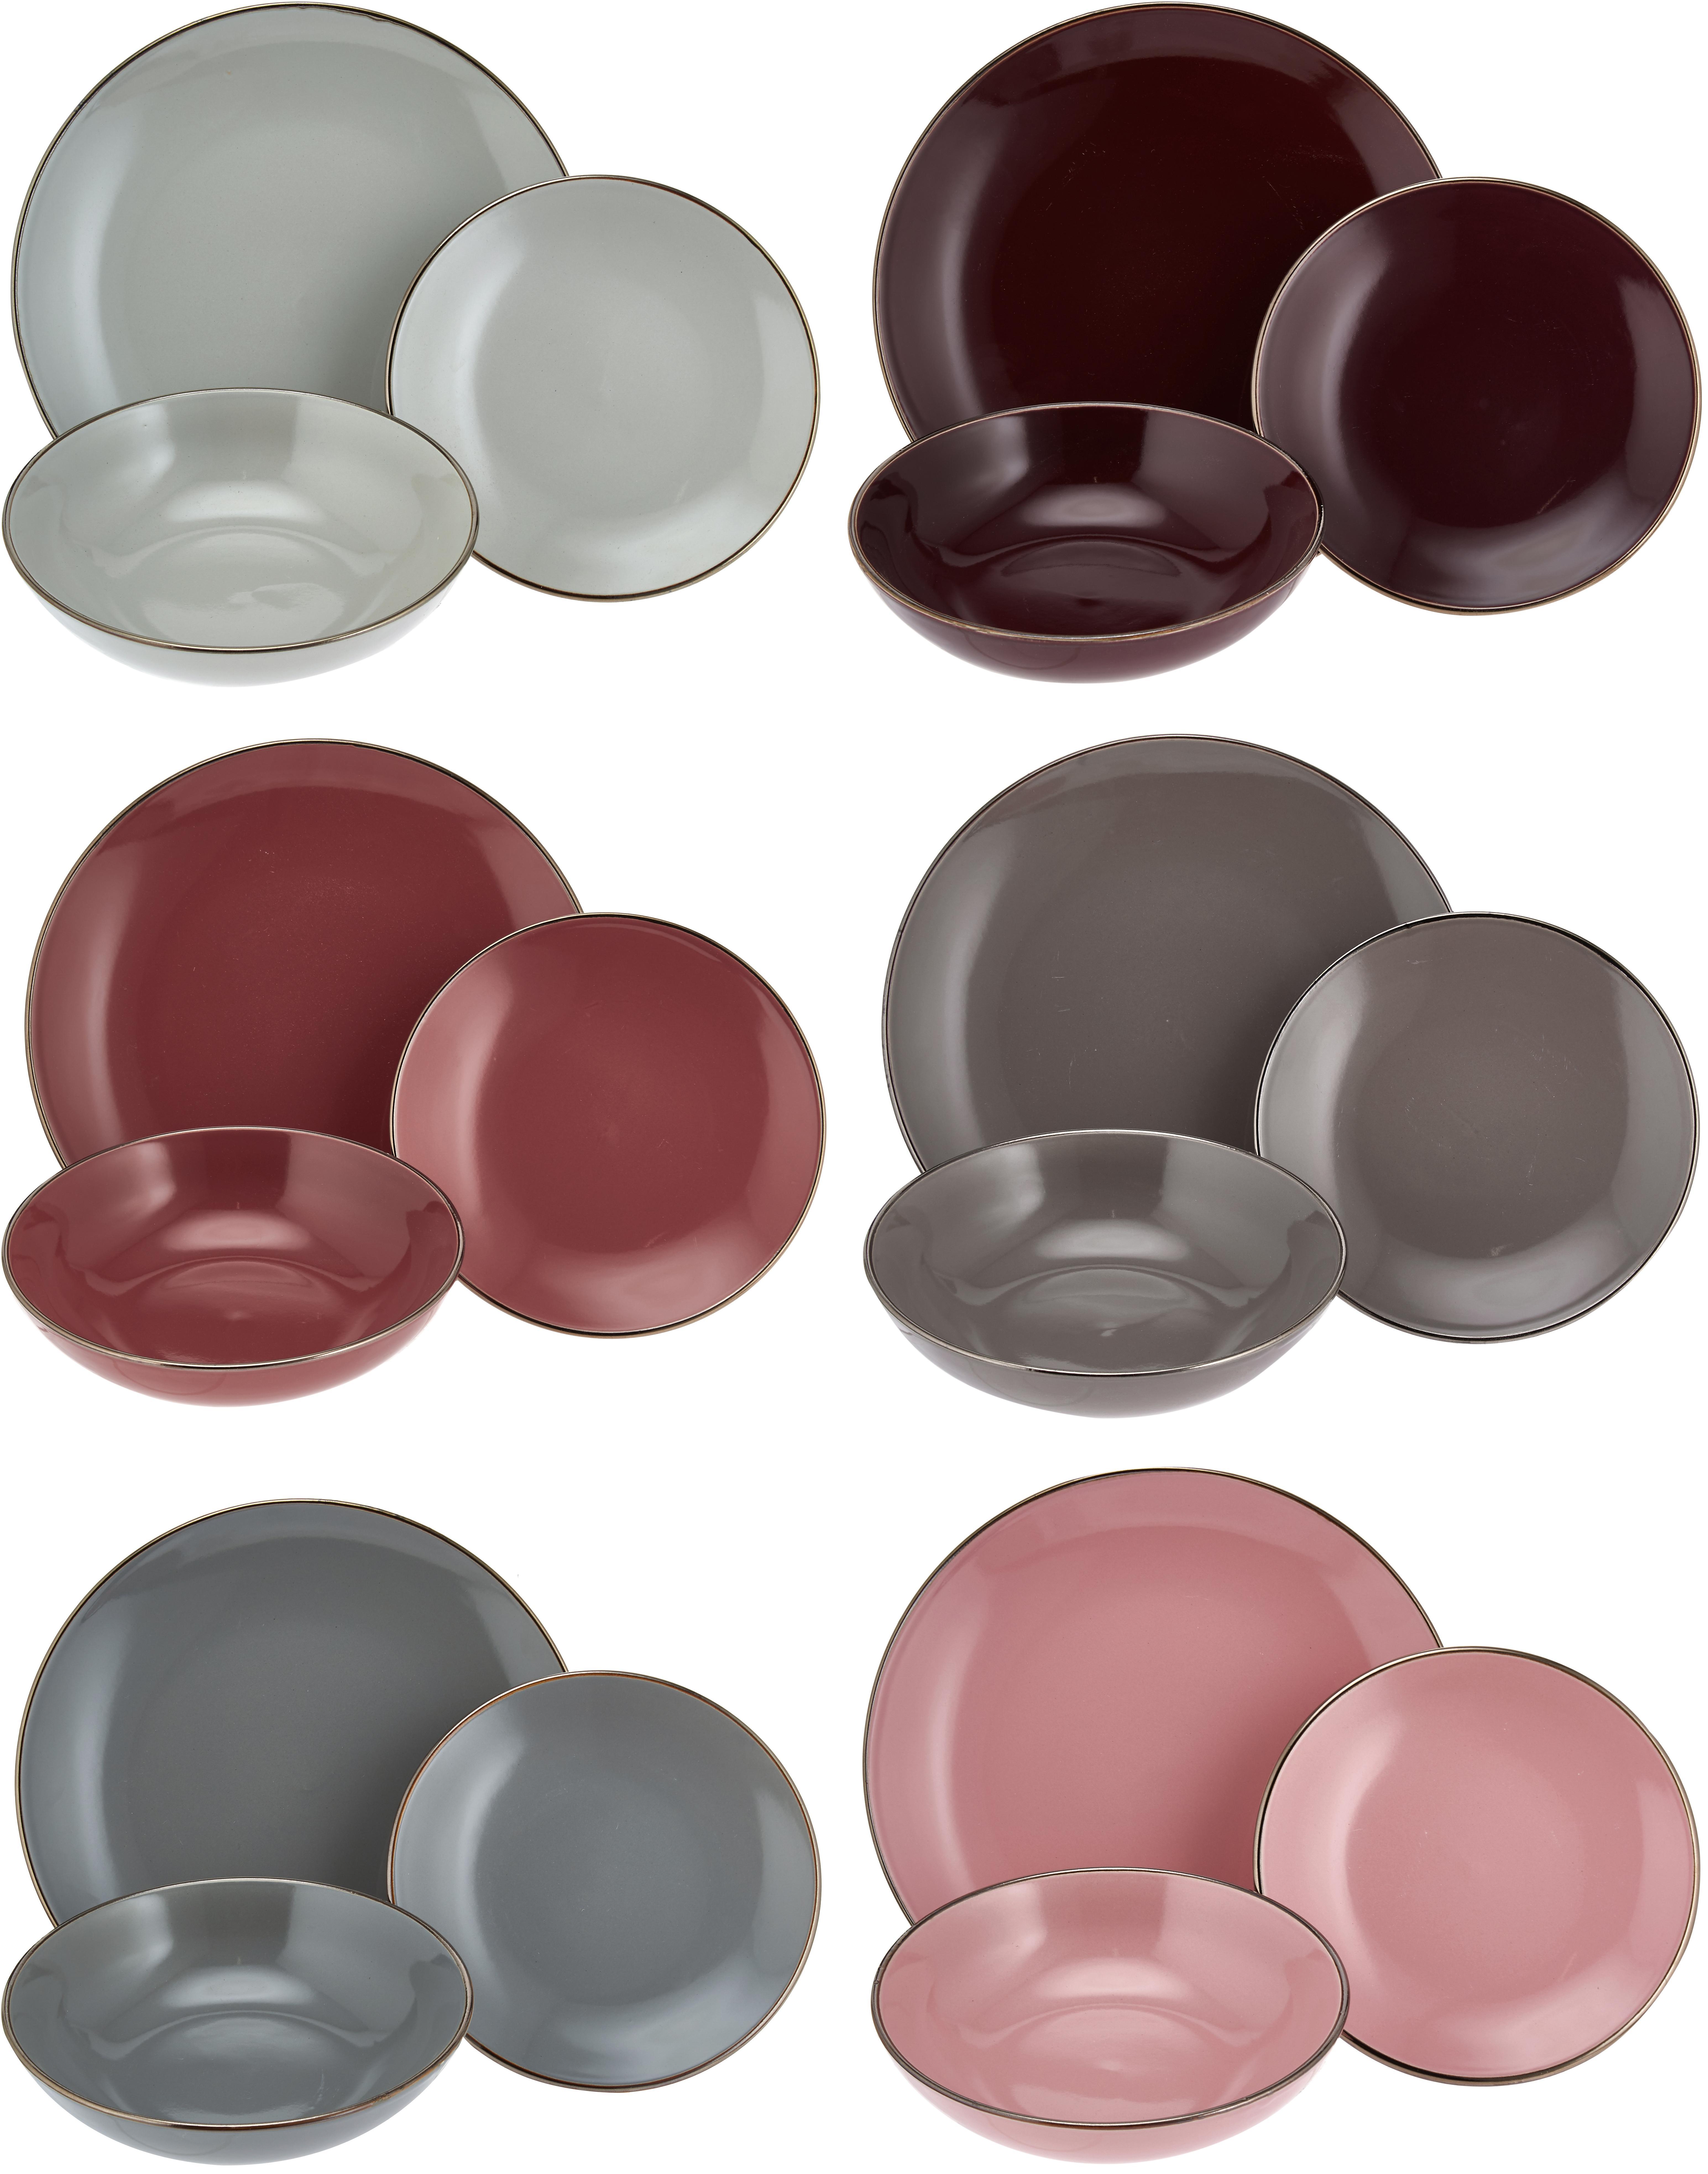 Set di piatti Royal Passion 18 pz, Terracotta, Bordeaux, rosso scuro, blu grigio, rosa, grigio chiaro, grigio scuro, Diverse dimensioni